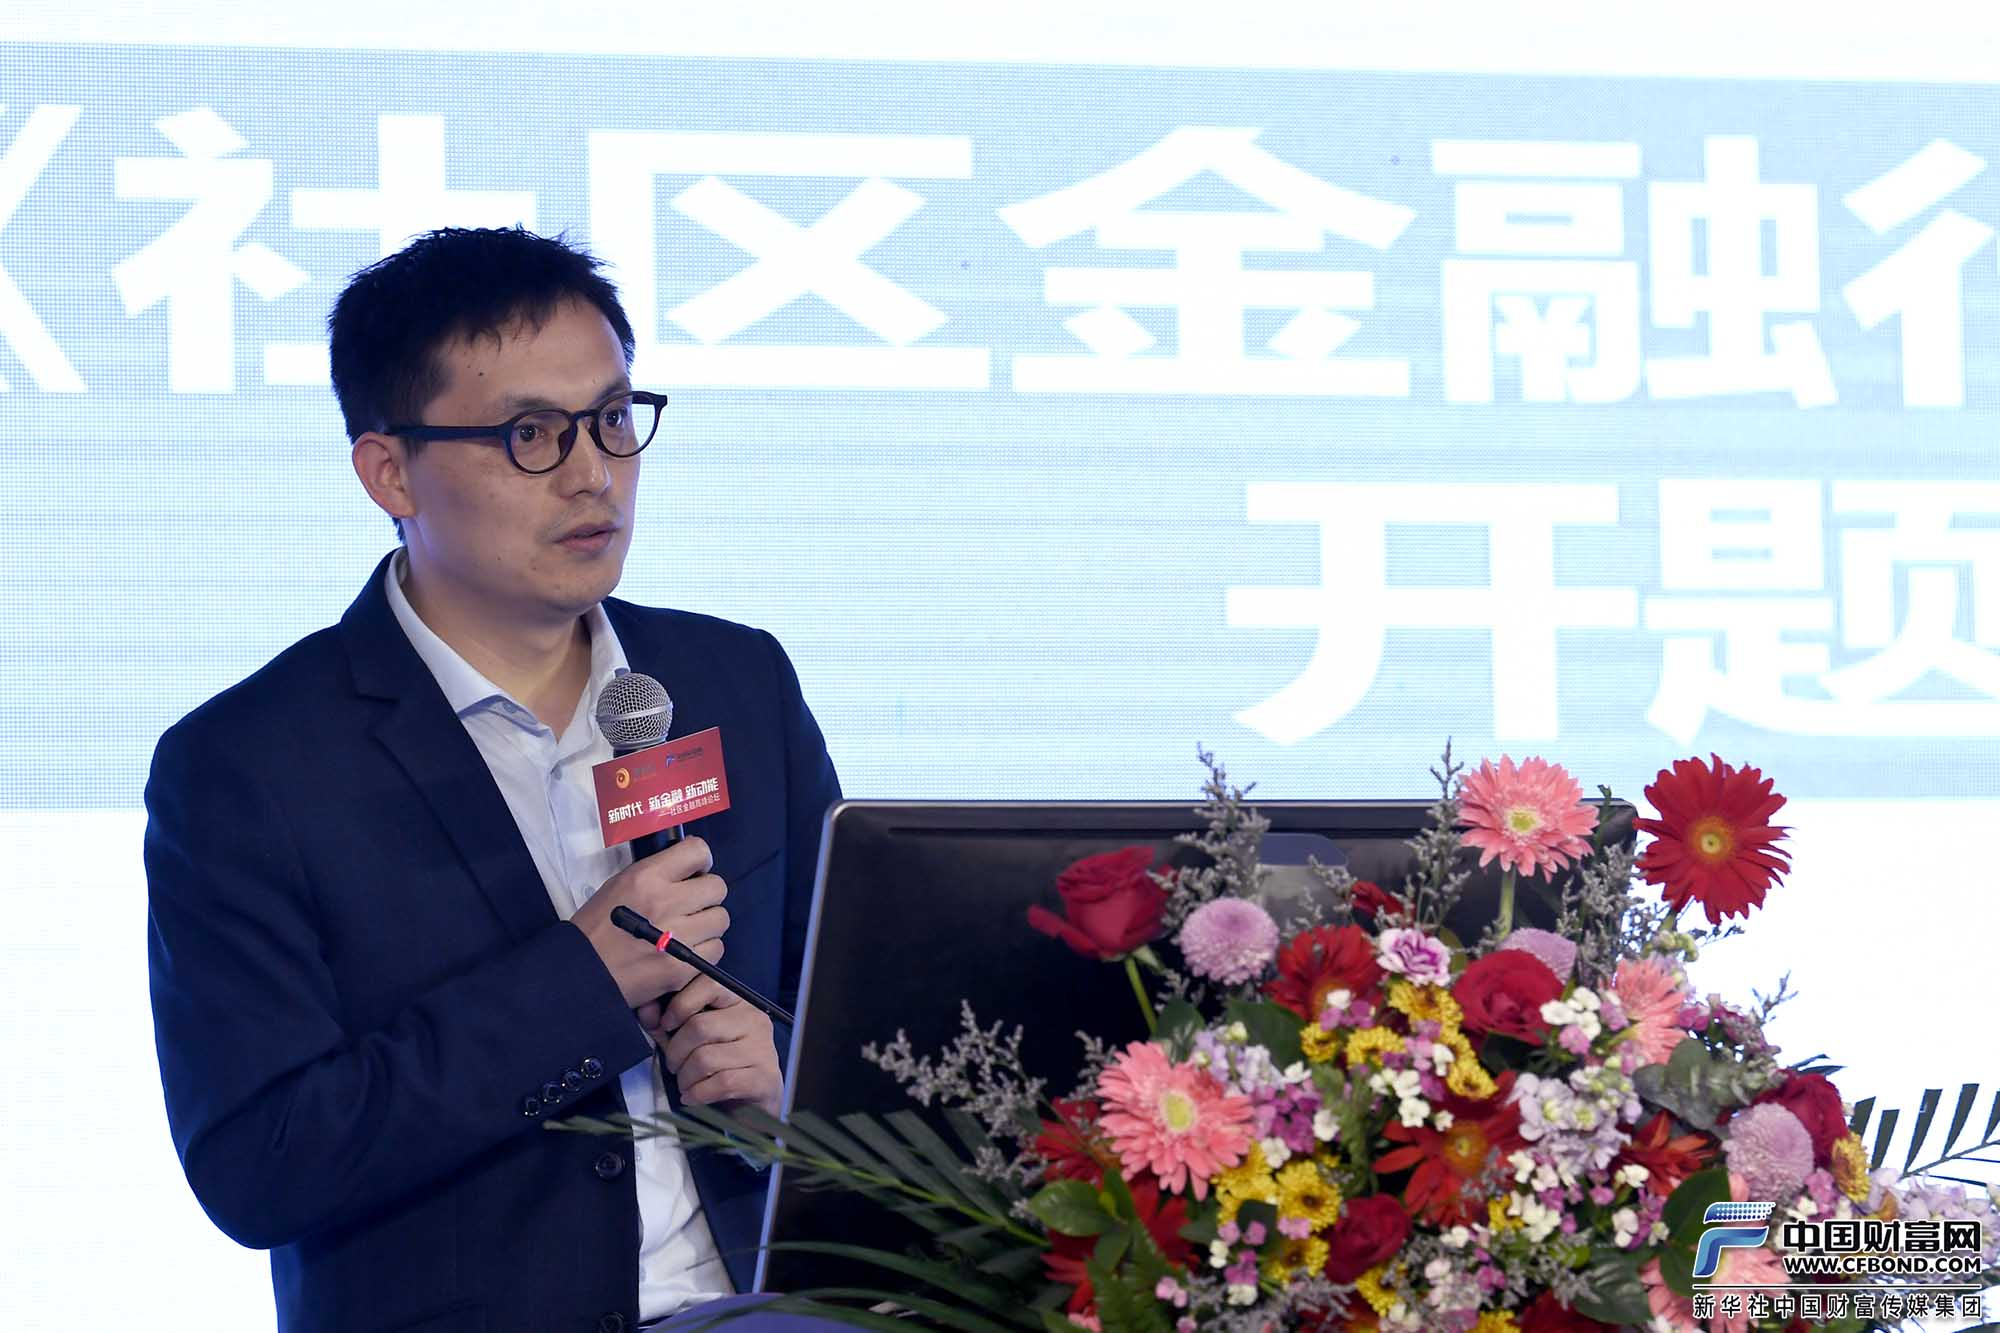 开题演讲:广东财经大学金融学院副院长蔡卫星